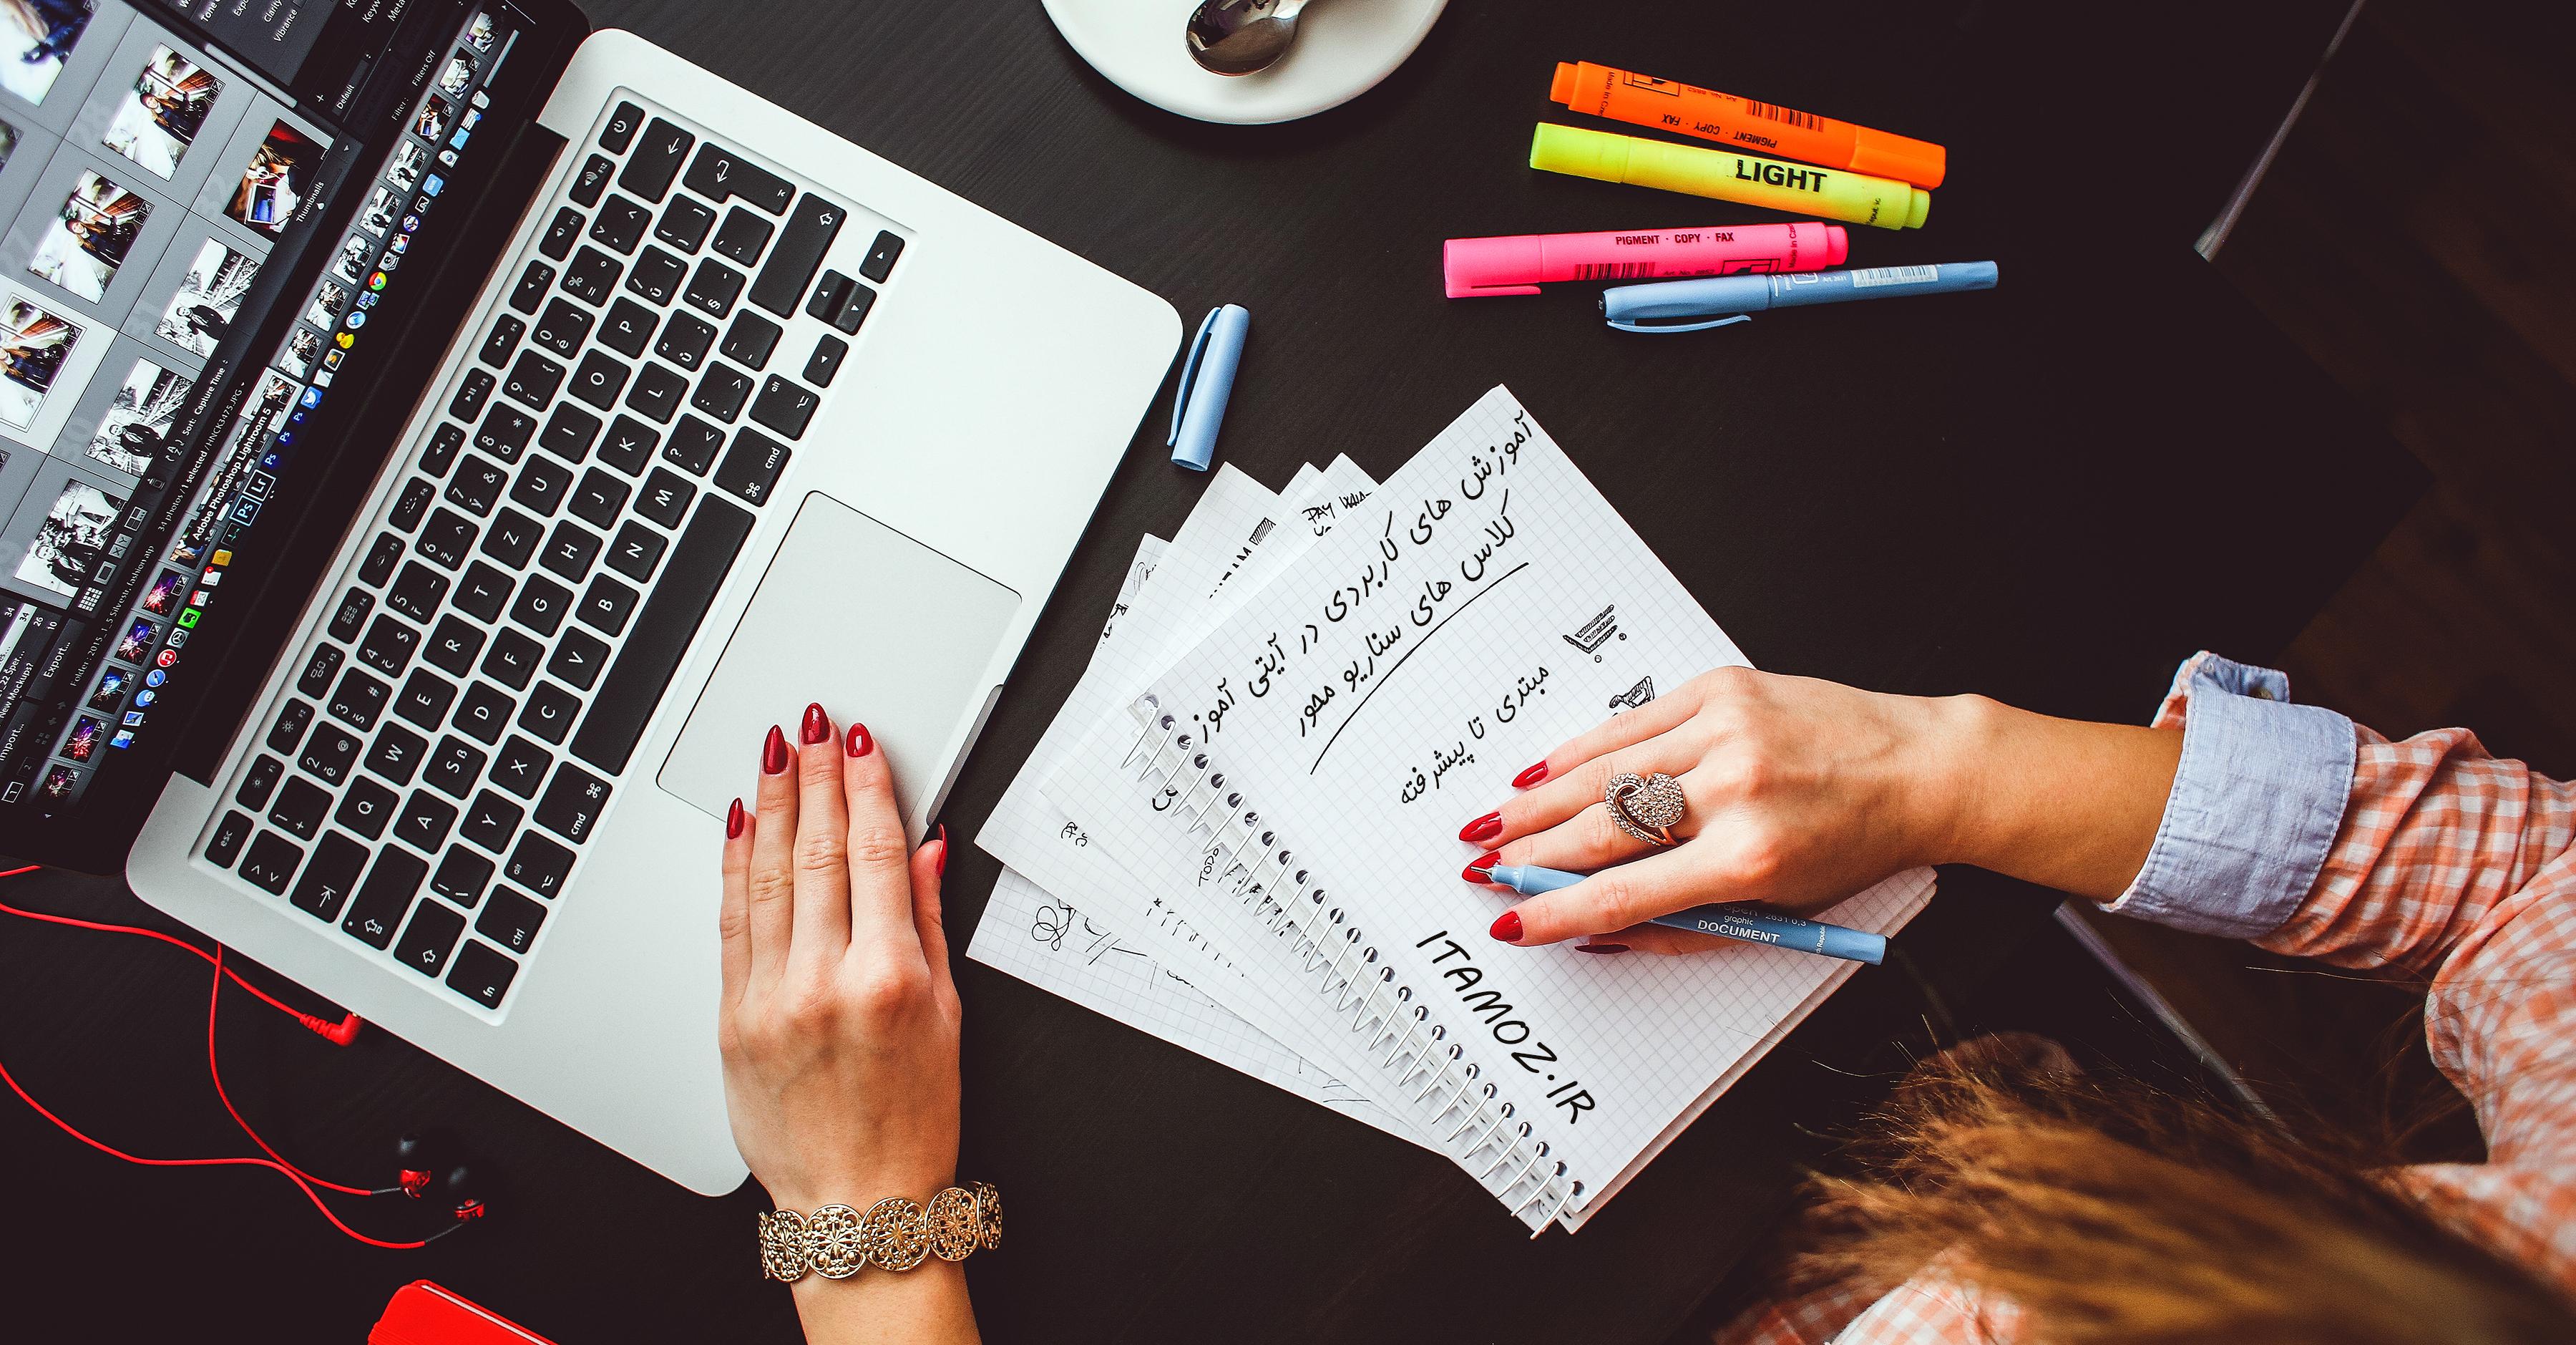 دفترچه یادداشت حرفه ای اندروید ، آیفون ، ویندوز و با قابلیت ذخیره خودکار